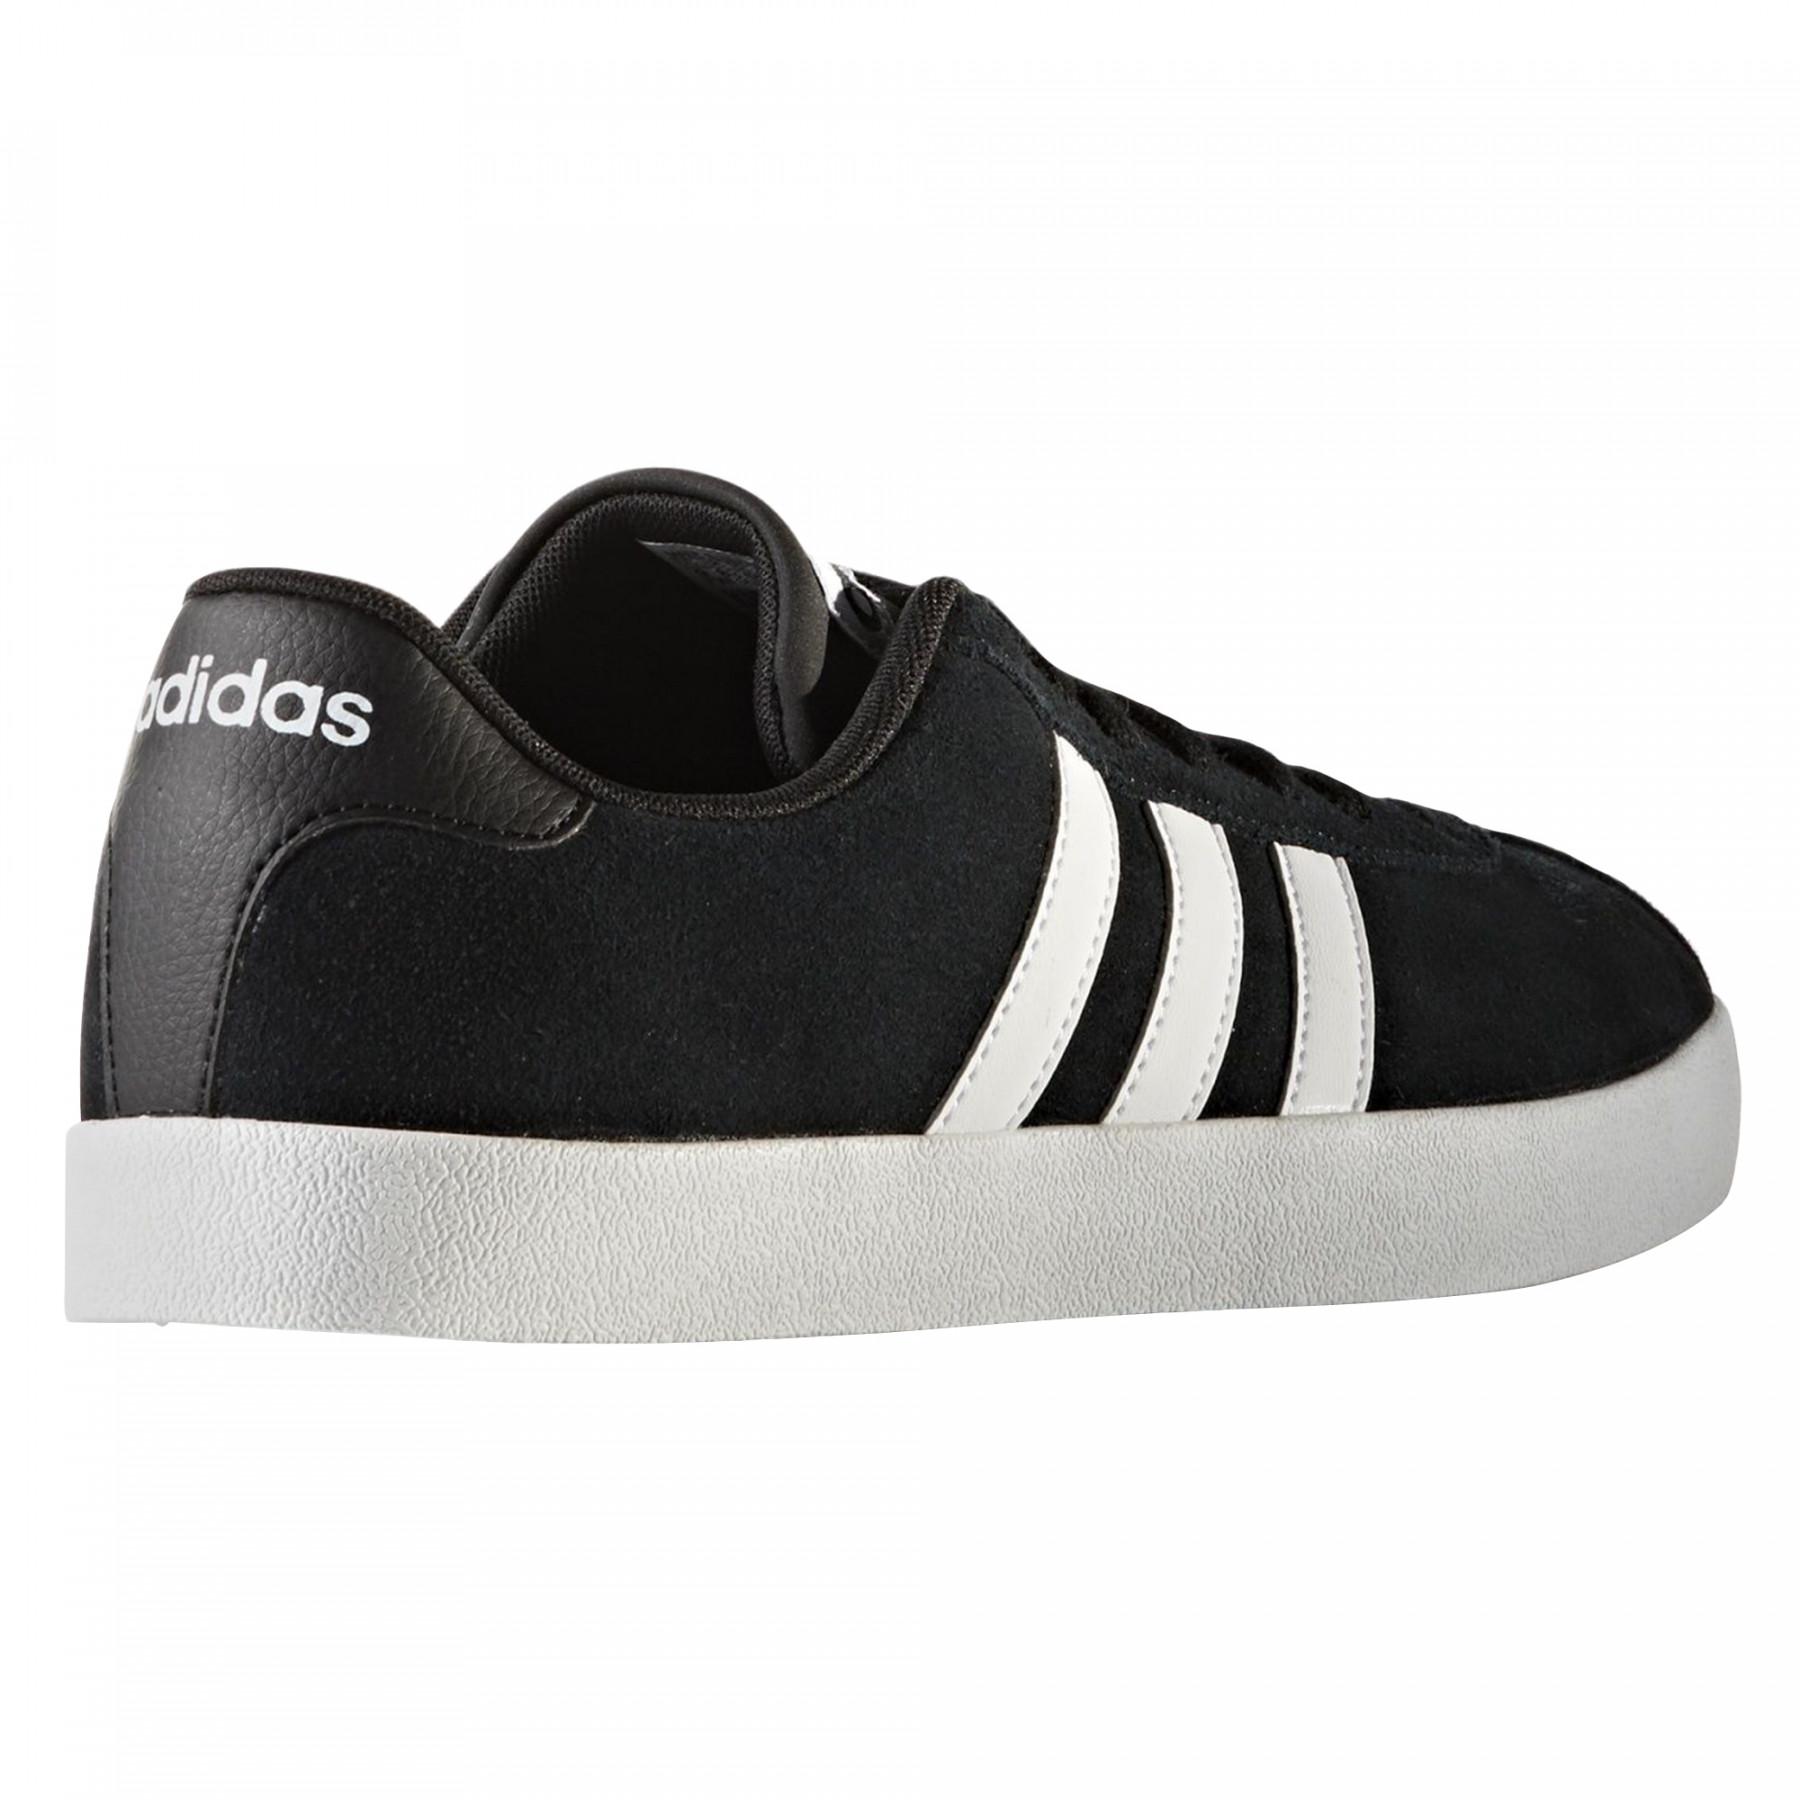 Chaussure Adidas Homme Cher Noir Baskets Vulc Basses Pas Court w6tU5W